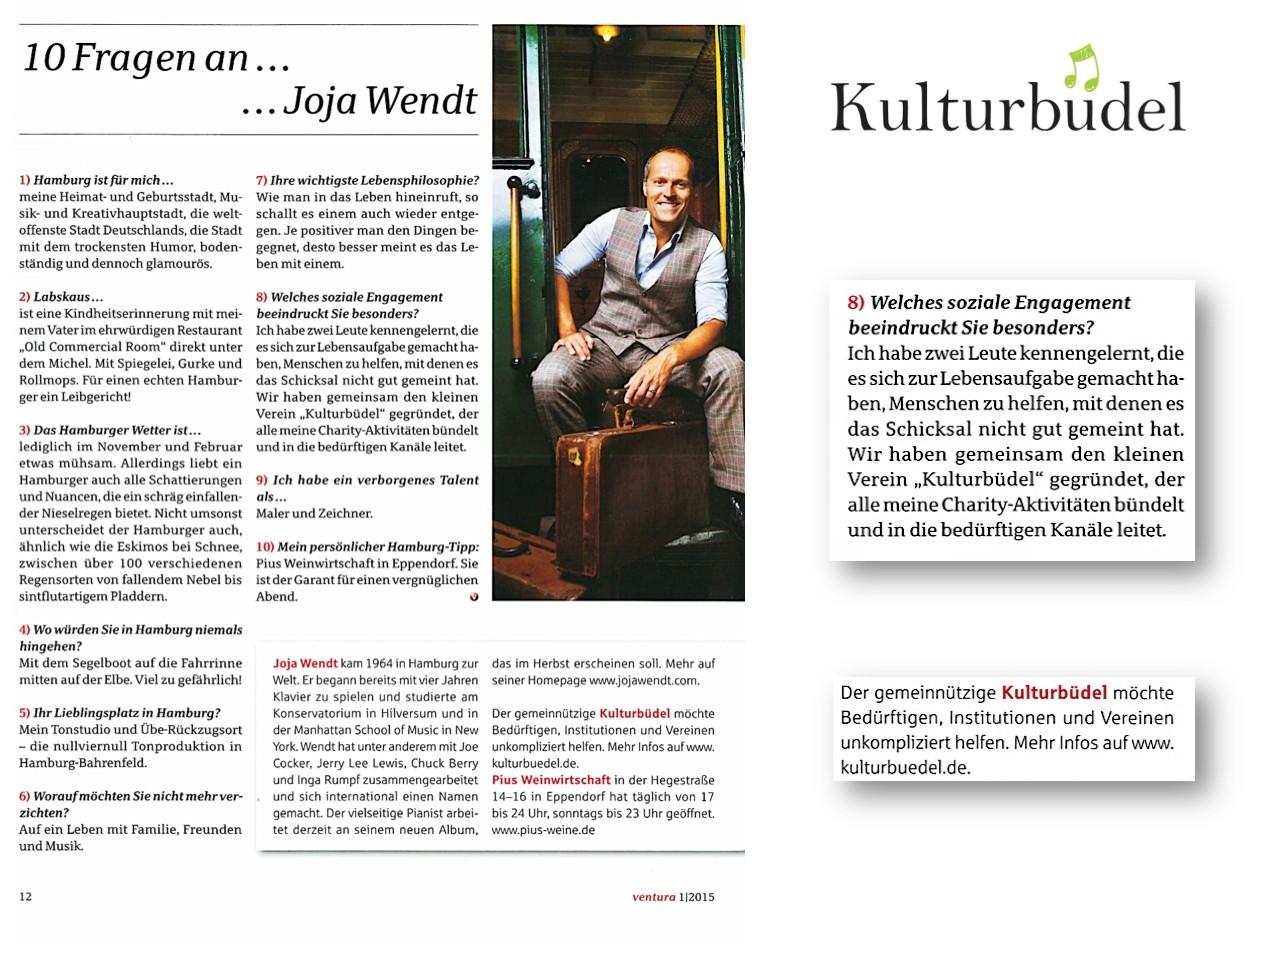 ventura, 1/2015, das Private Banking Magazin von der Haspa